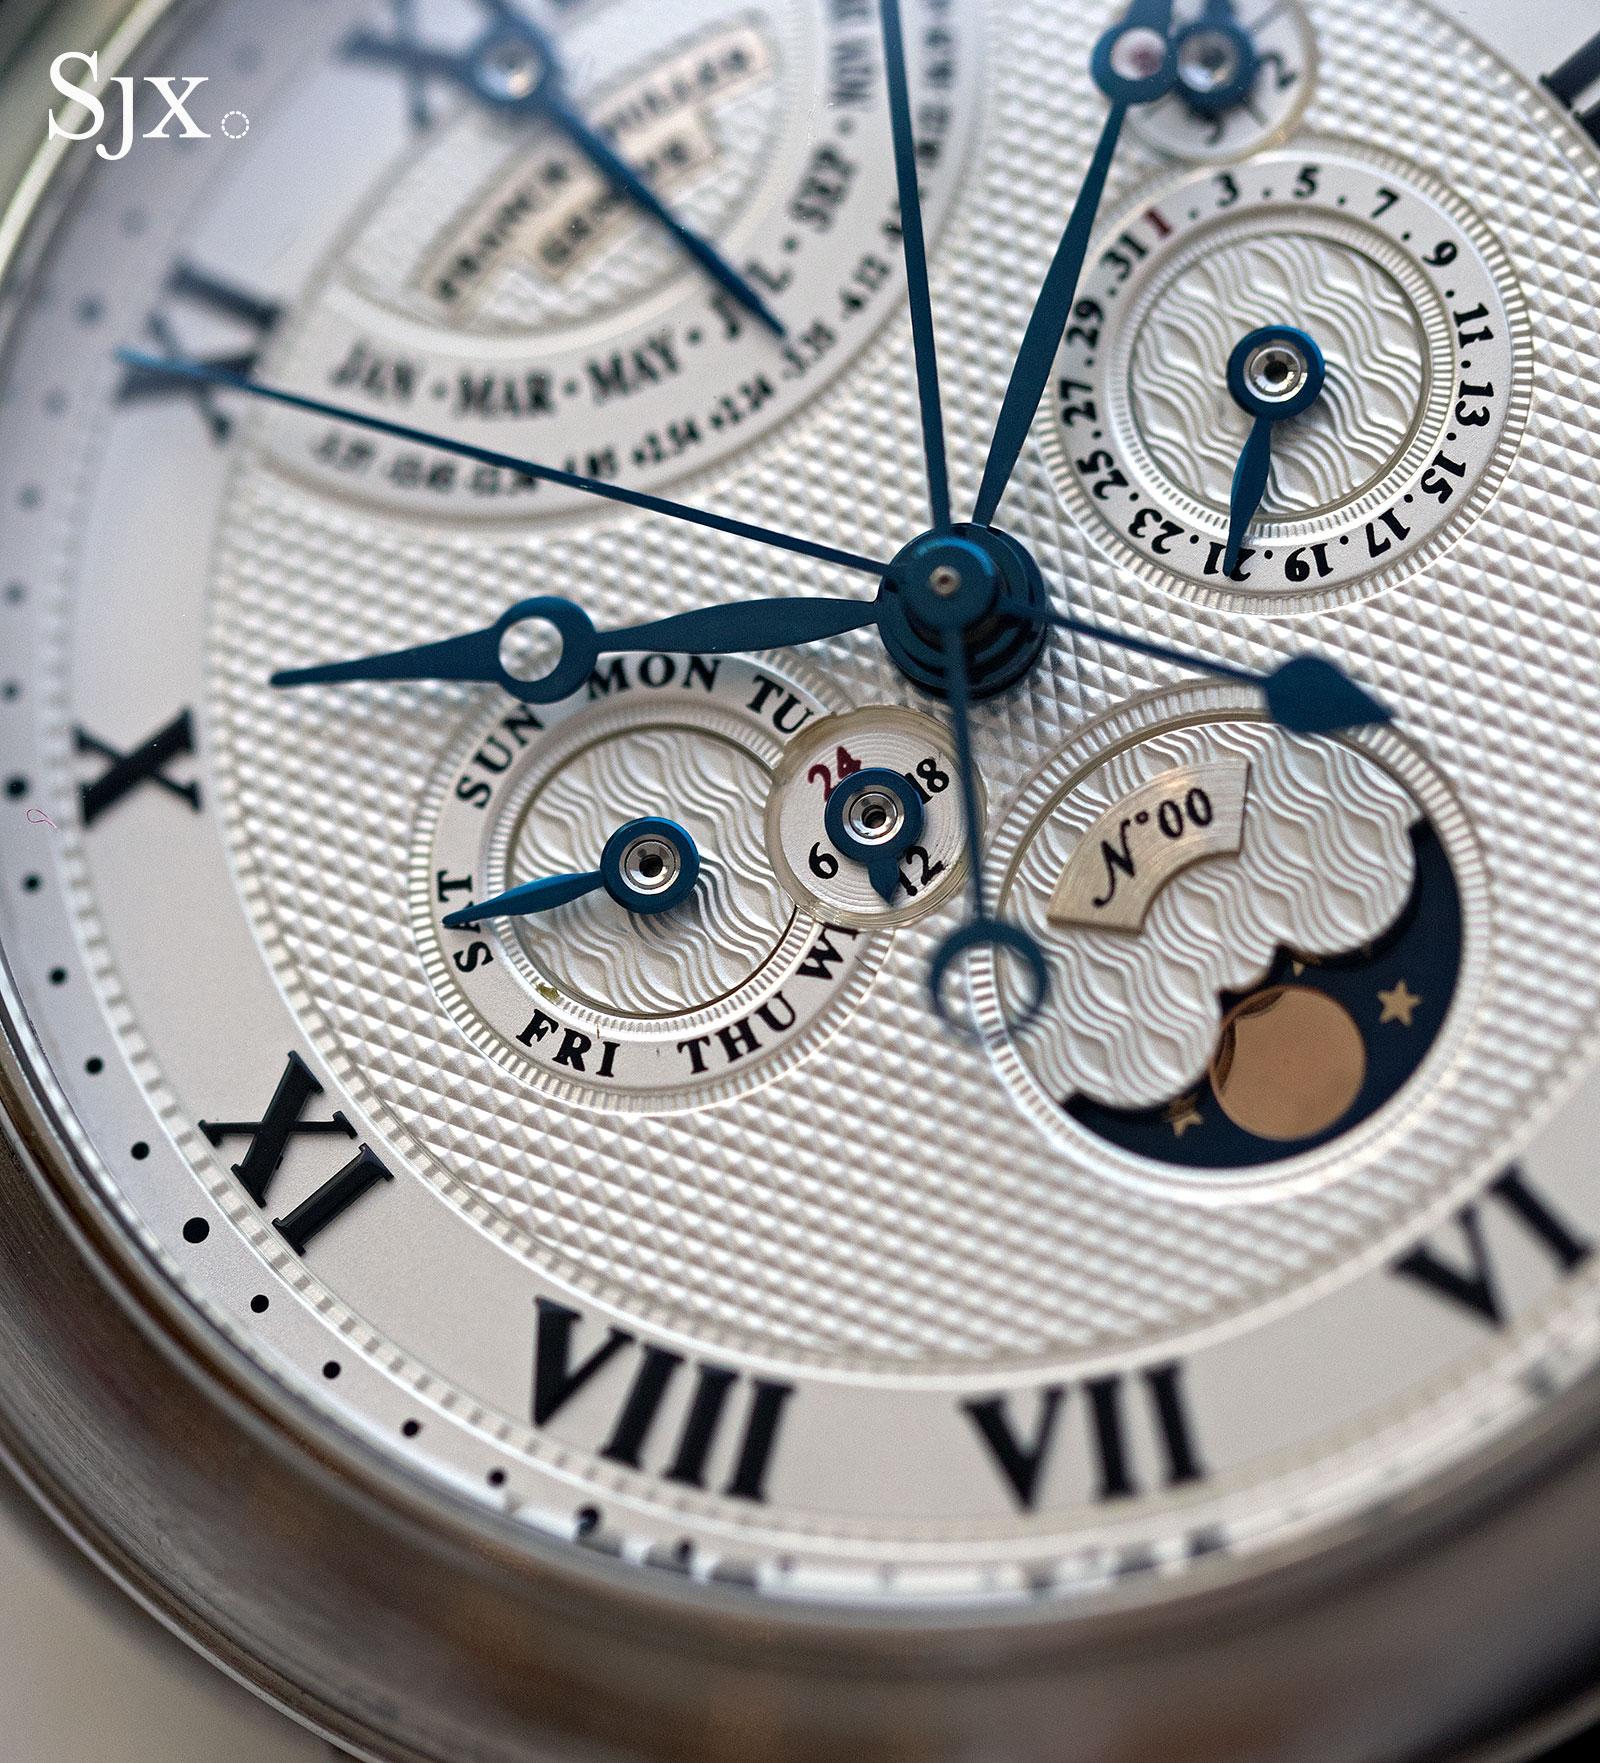 Franck Muller 7002 grand complication 4